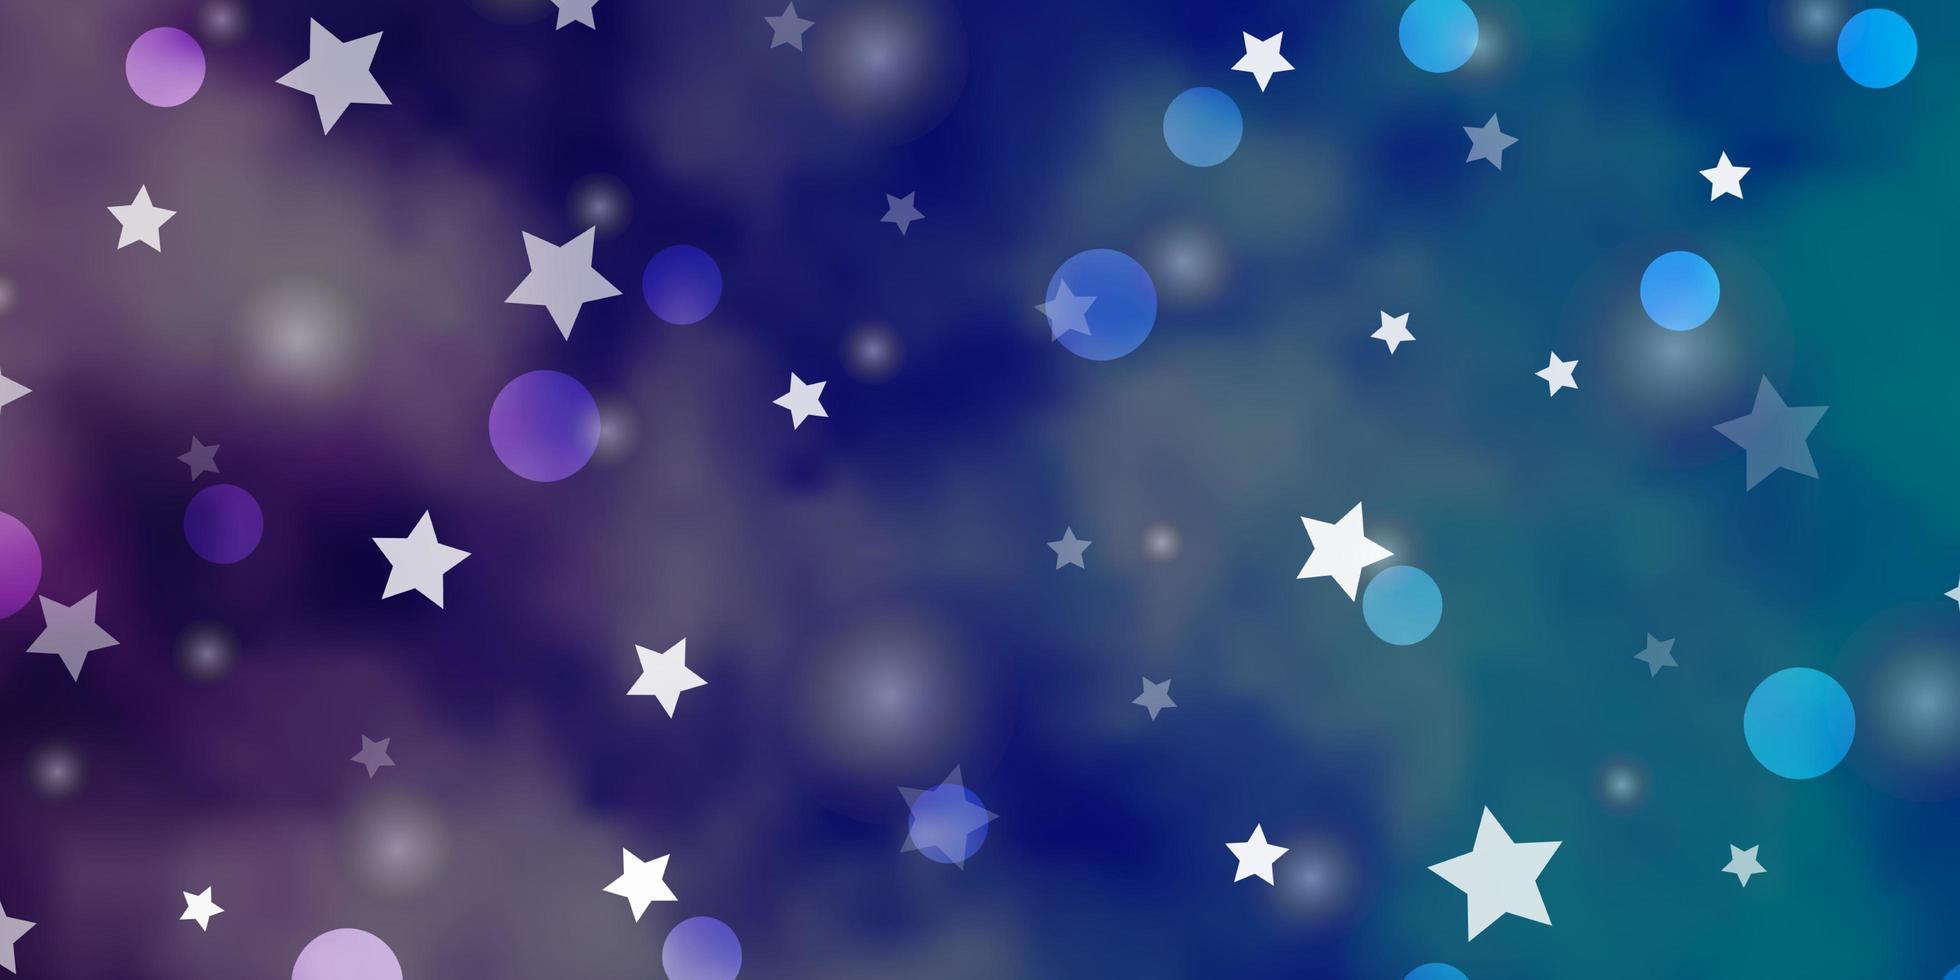 fundo vector rosa claro, azul com círculos, estrelas.